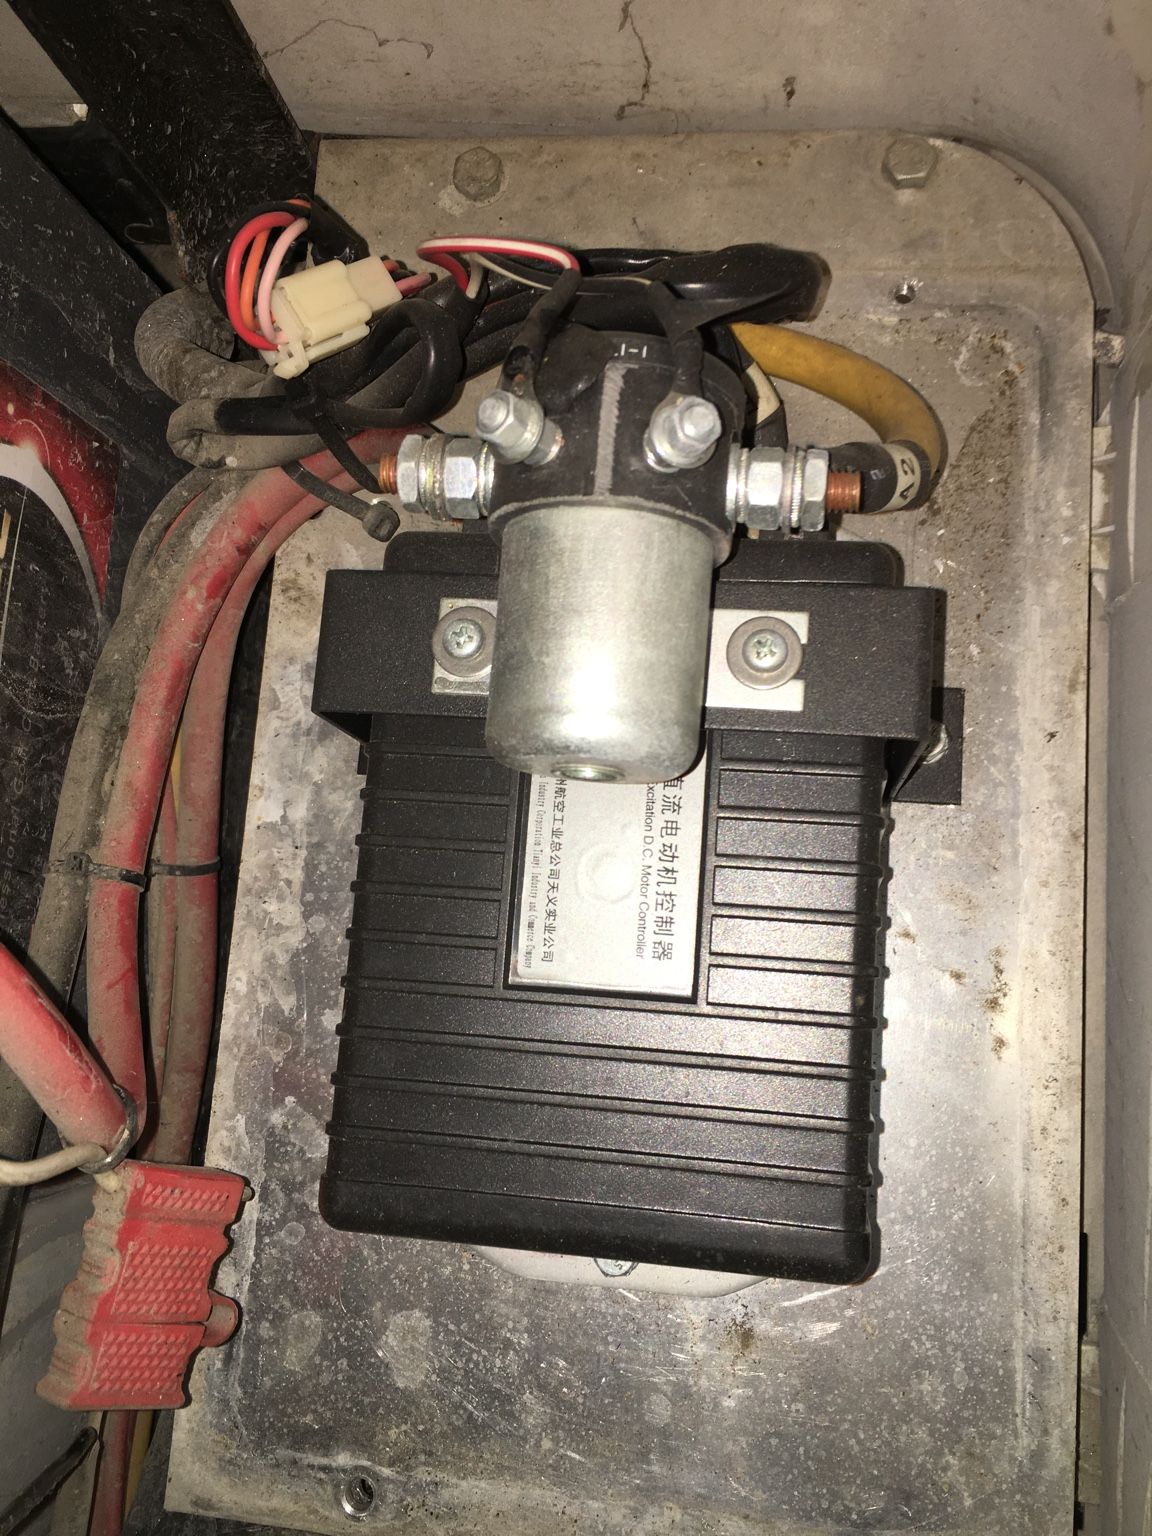 1999 ezgo golf cart wiring diagram mower ignition switch ruff tuff 48 volt